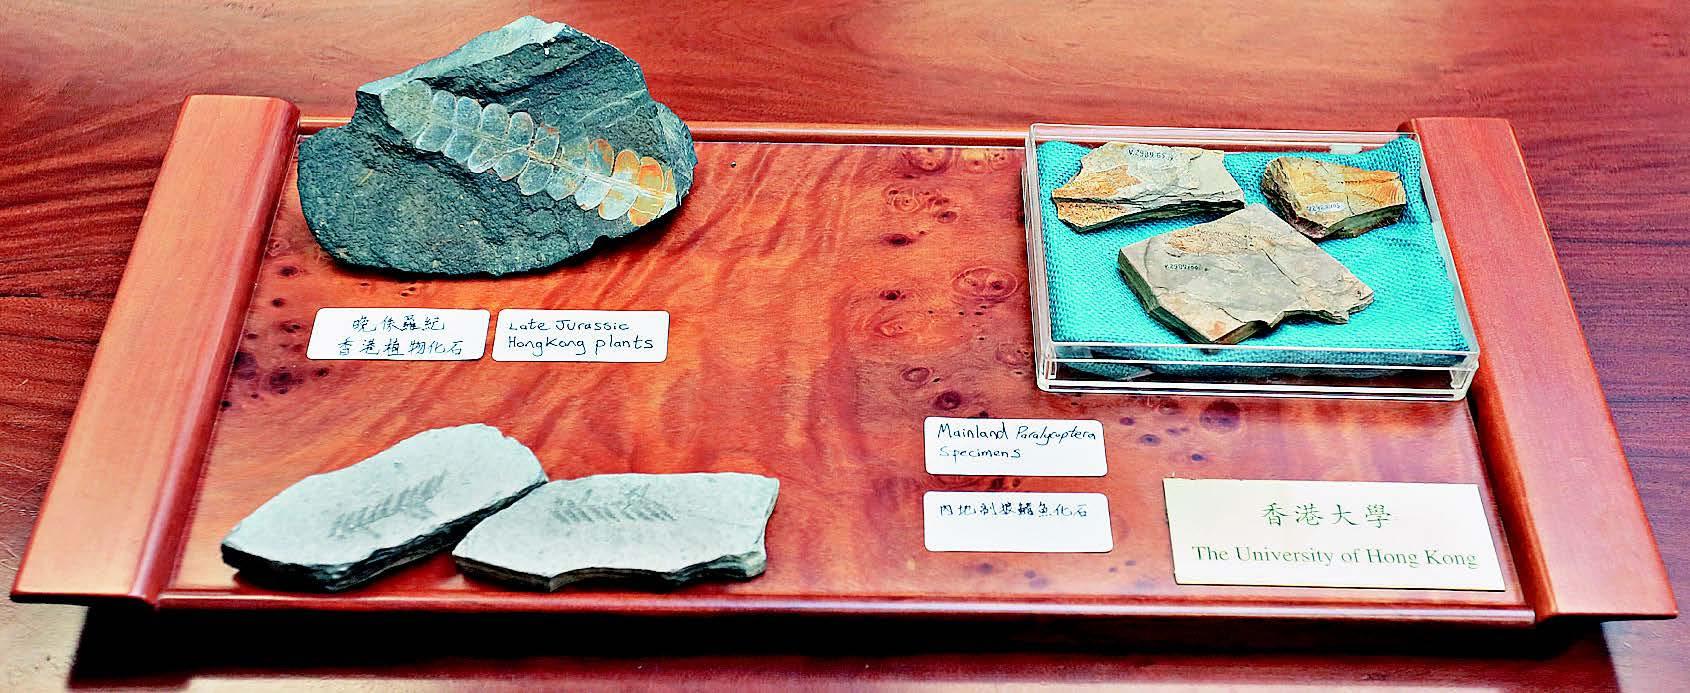 香港大学首次鉴别出一件属晚侏罗世时代的副狼鳍鱼化石